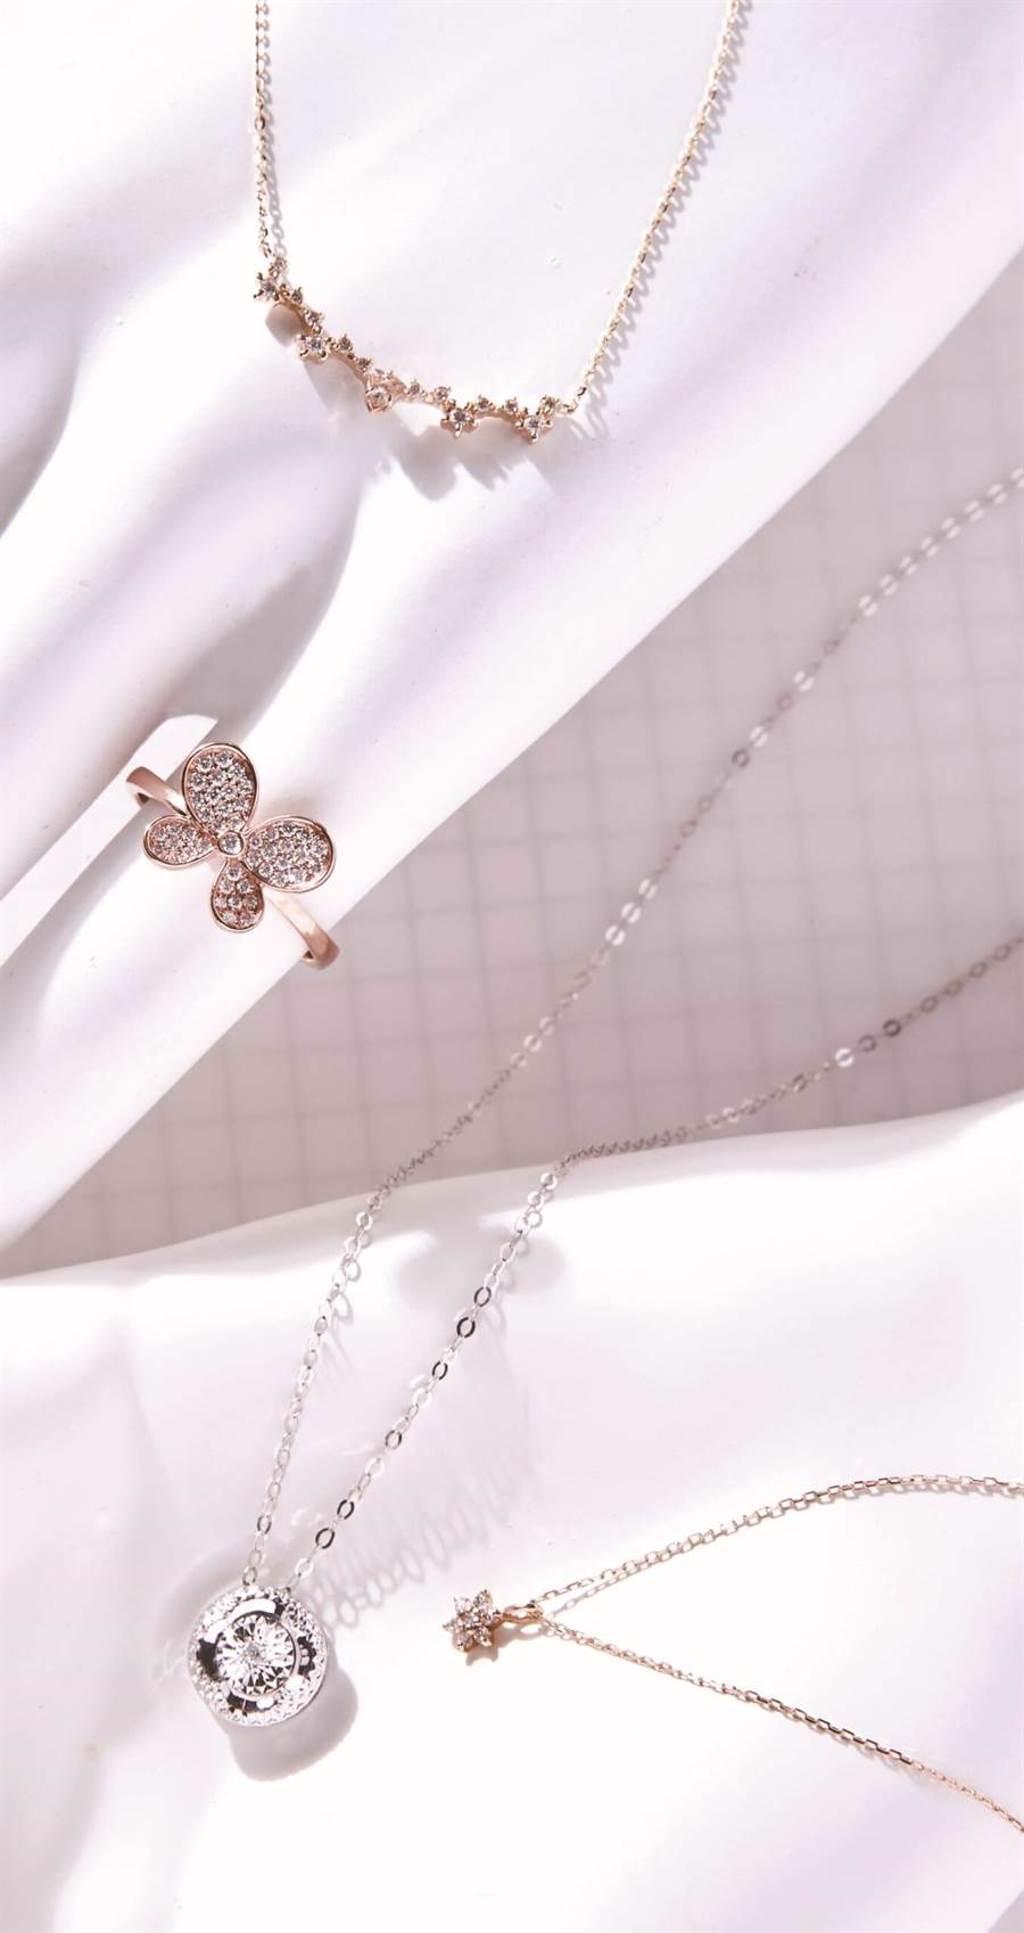 統一時代百貨台北店的今生今飾閃耀一分鑽石項鍊,原價5400元,特價4320元,限量5組。(統一時代百貨台北店提供)